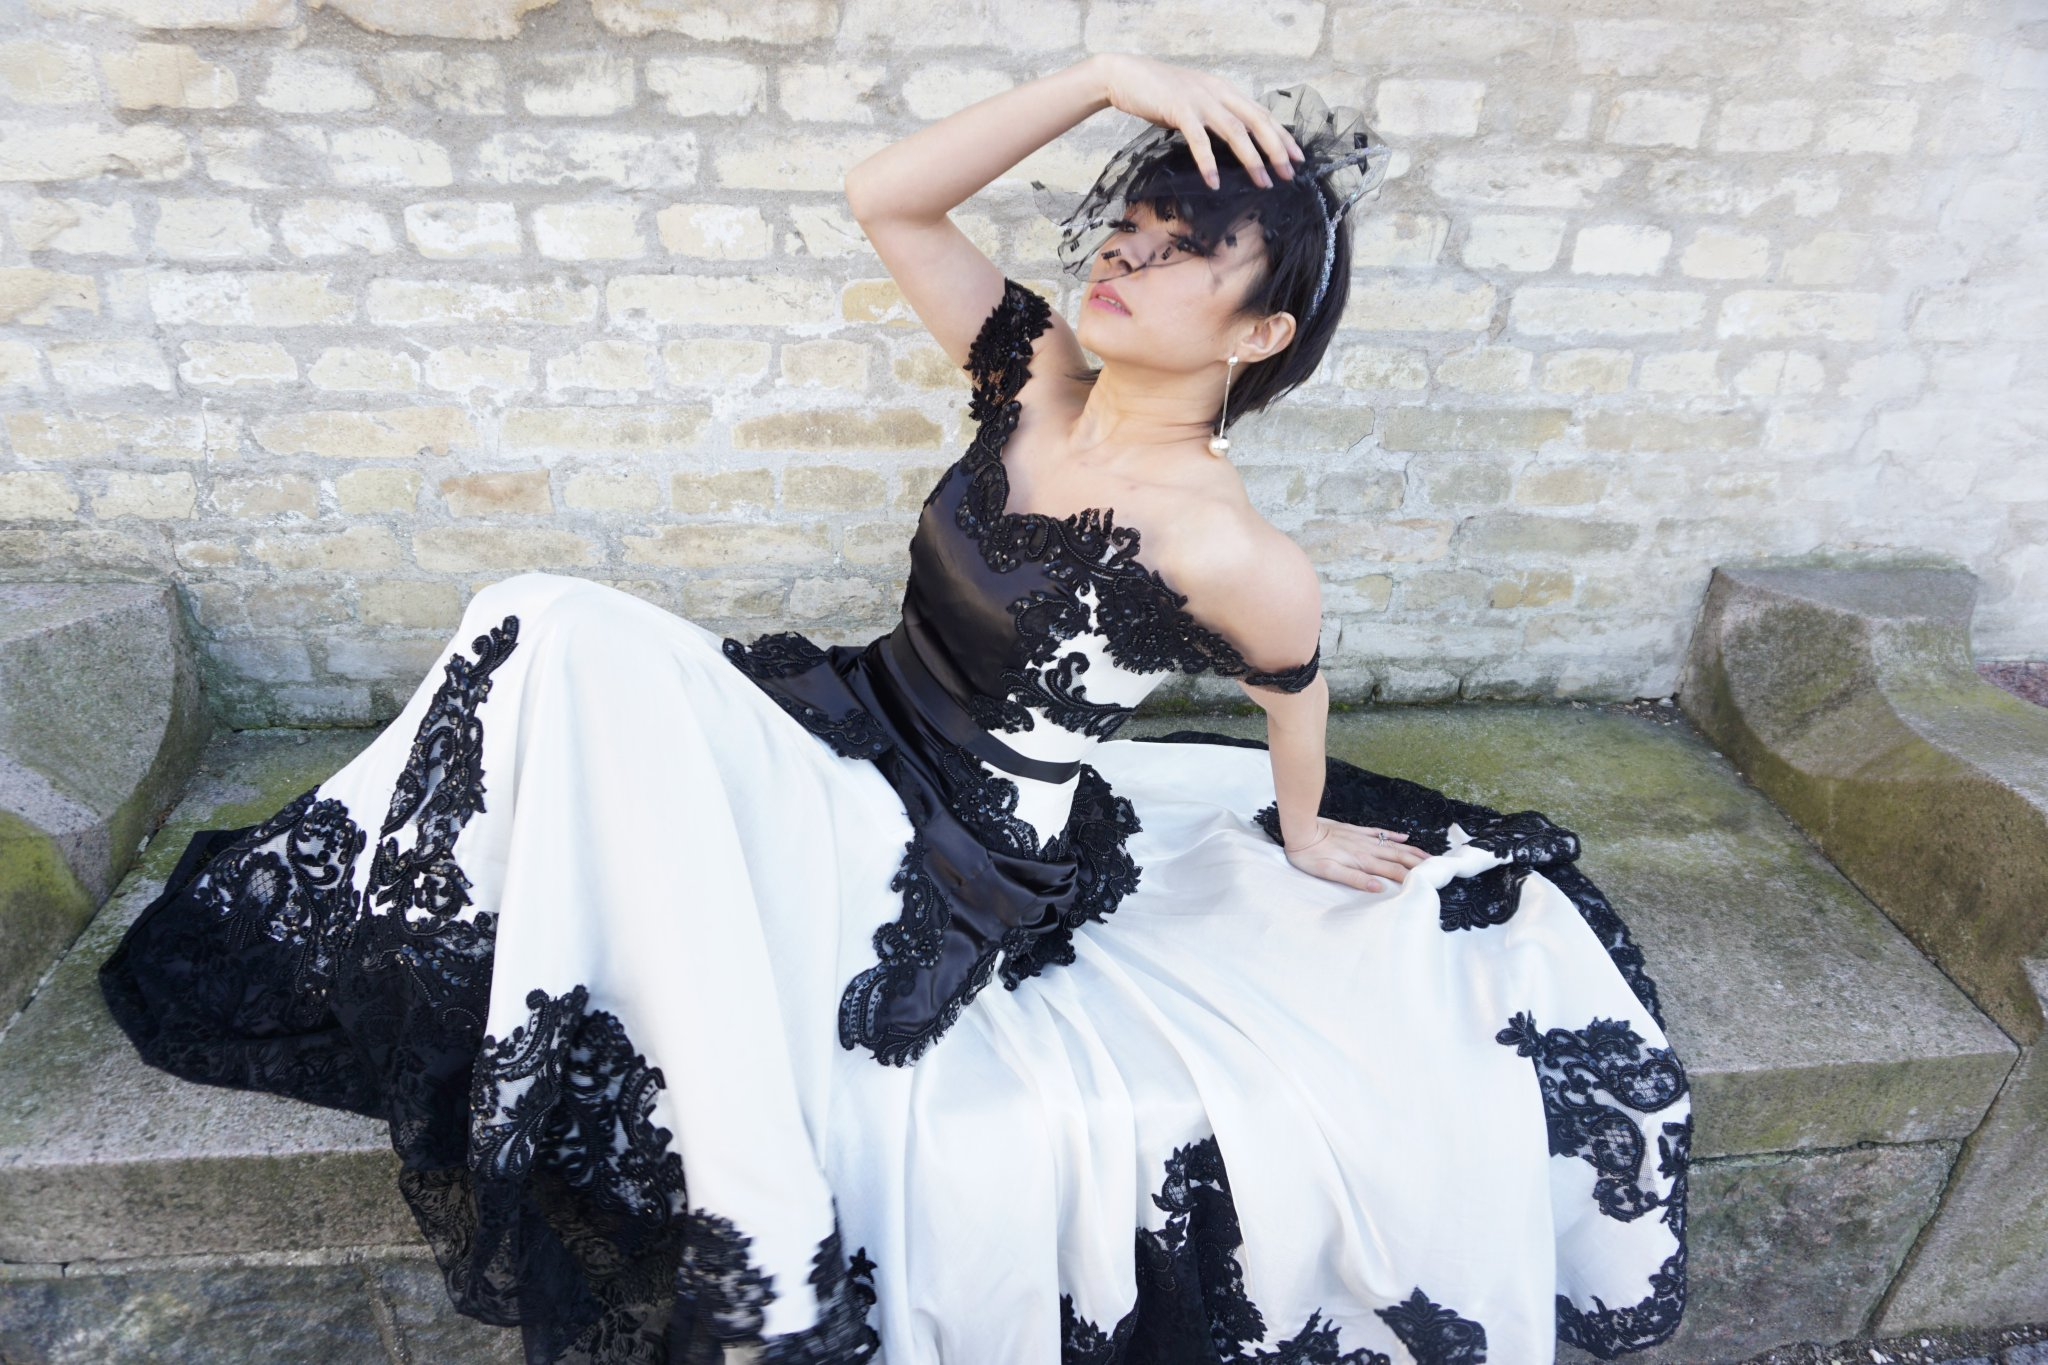 Cosplayer faz o vestido de casamento da Mulher-Gato, que casará com Batman nas HQs | Cosplay